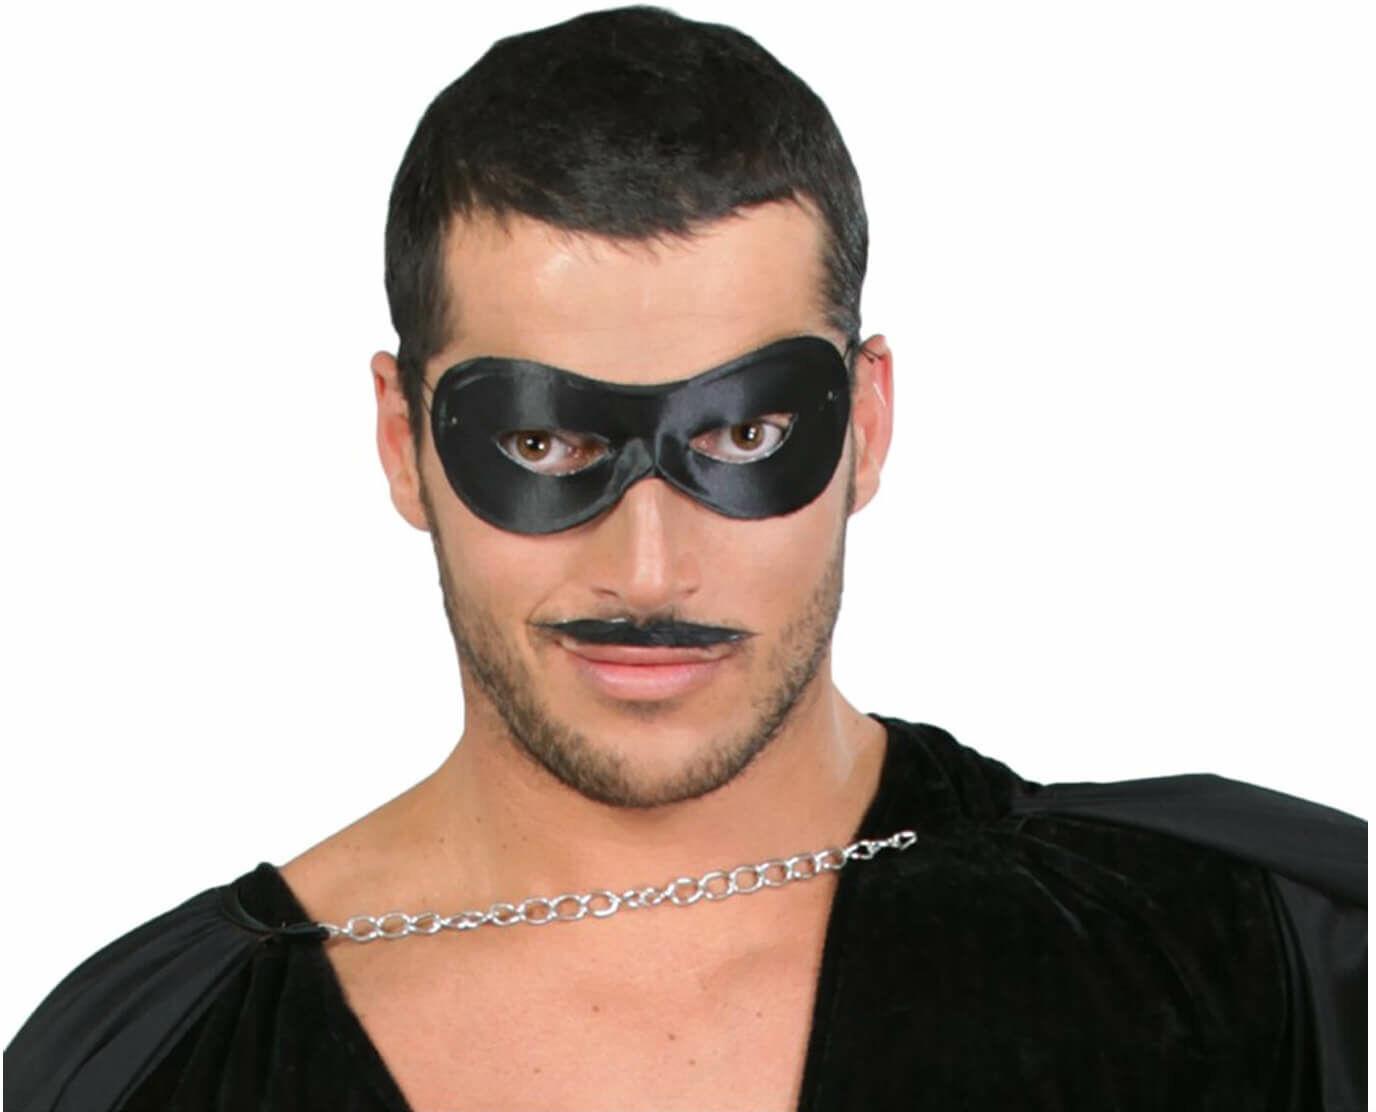 Maska karnawałowa Zorro - 1 szt.